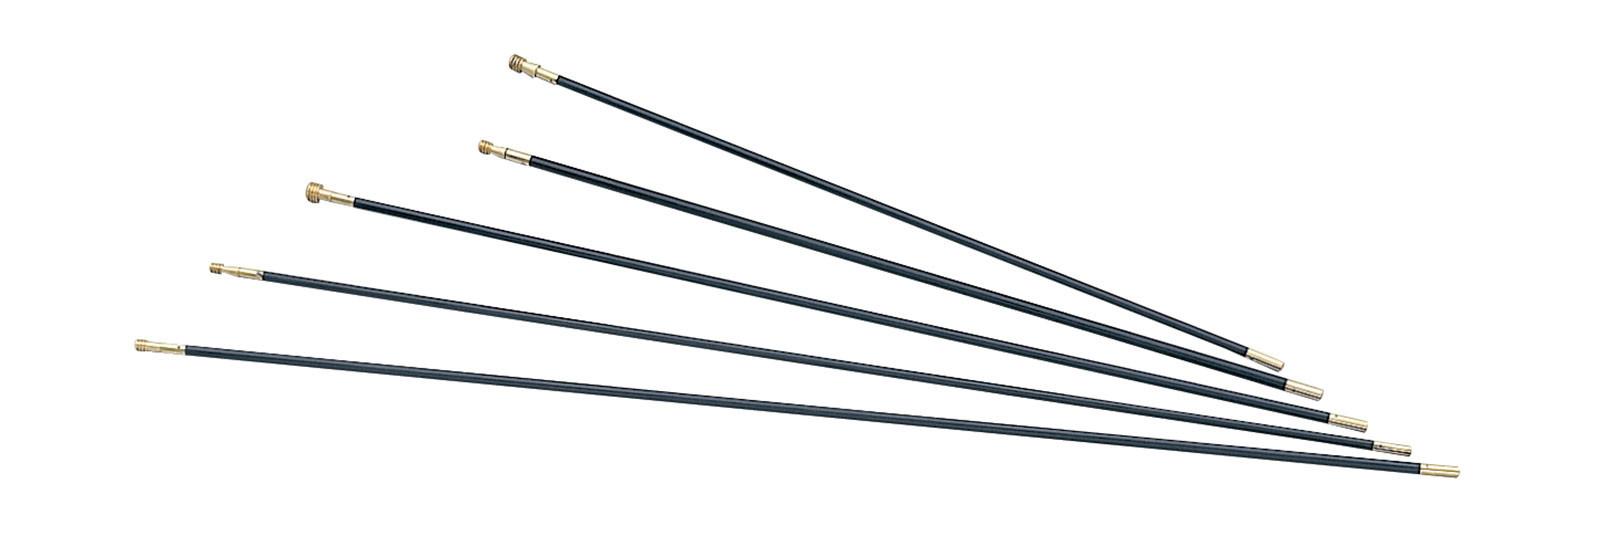 Muzzleloading Fiberglass ramrods 8x980 mm